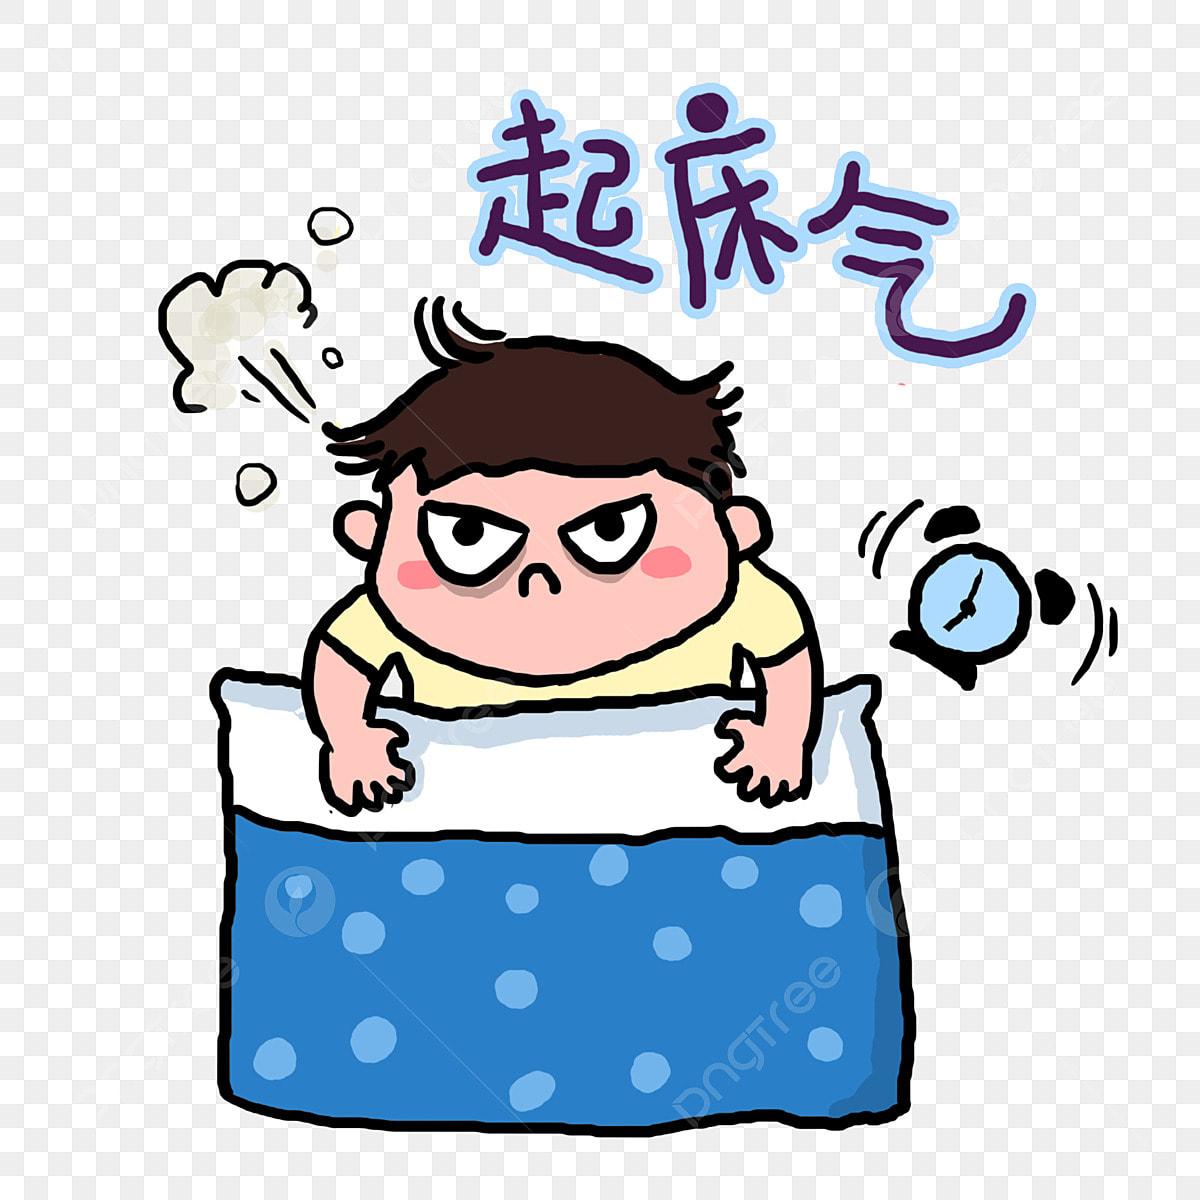 Bangun Lucu Smiley Pek Bangun Tidur Alarm Jam Katil